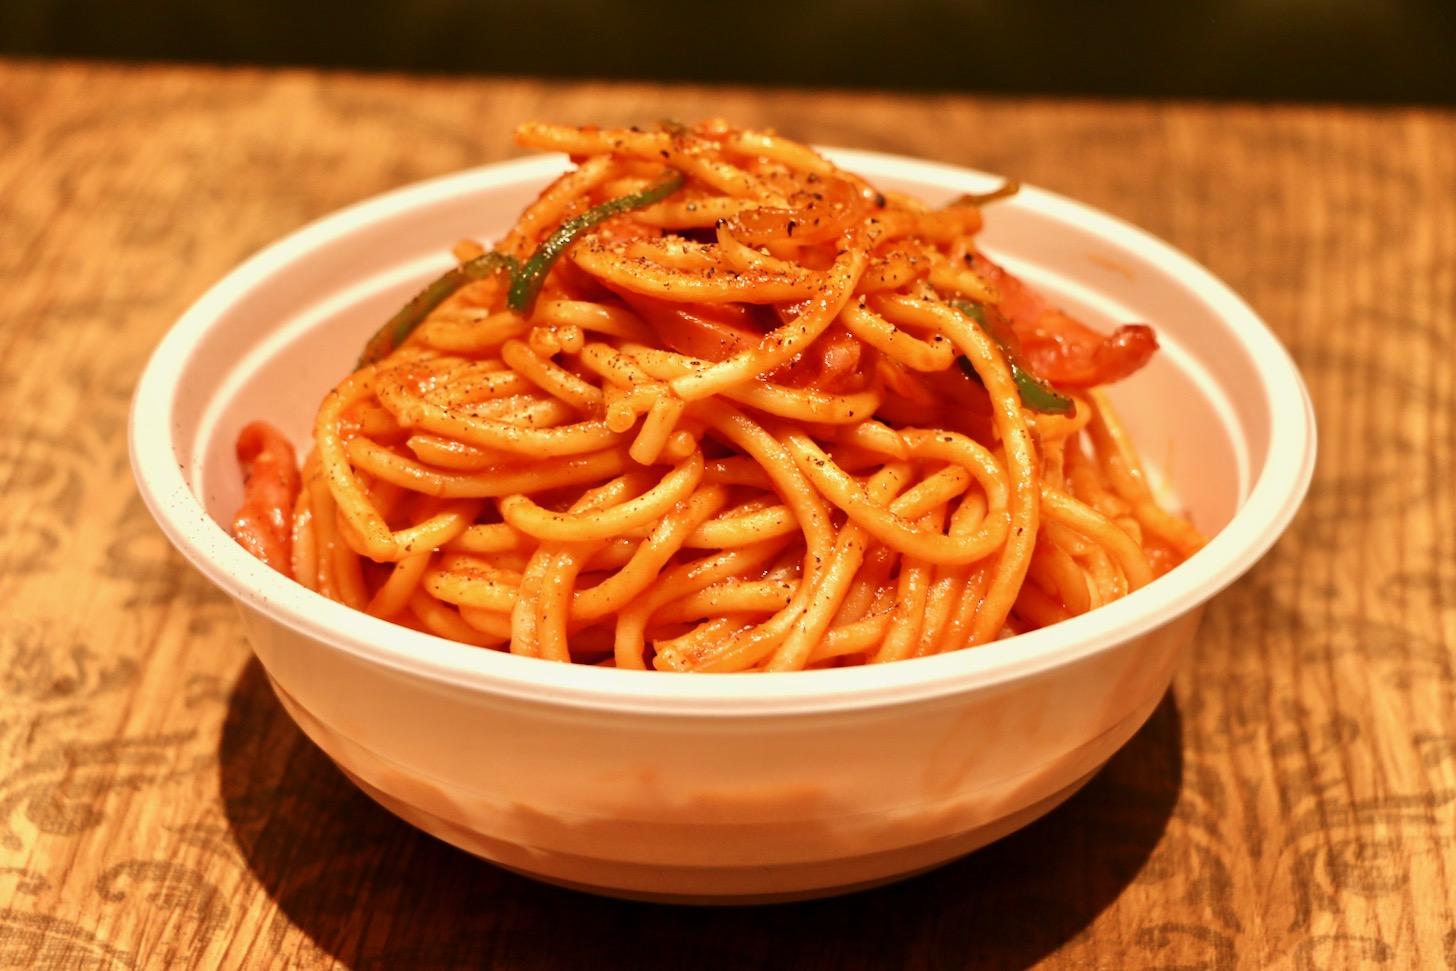 「スパゲッティーのパンチョ」のナポリタン(並400g)